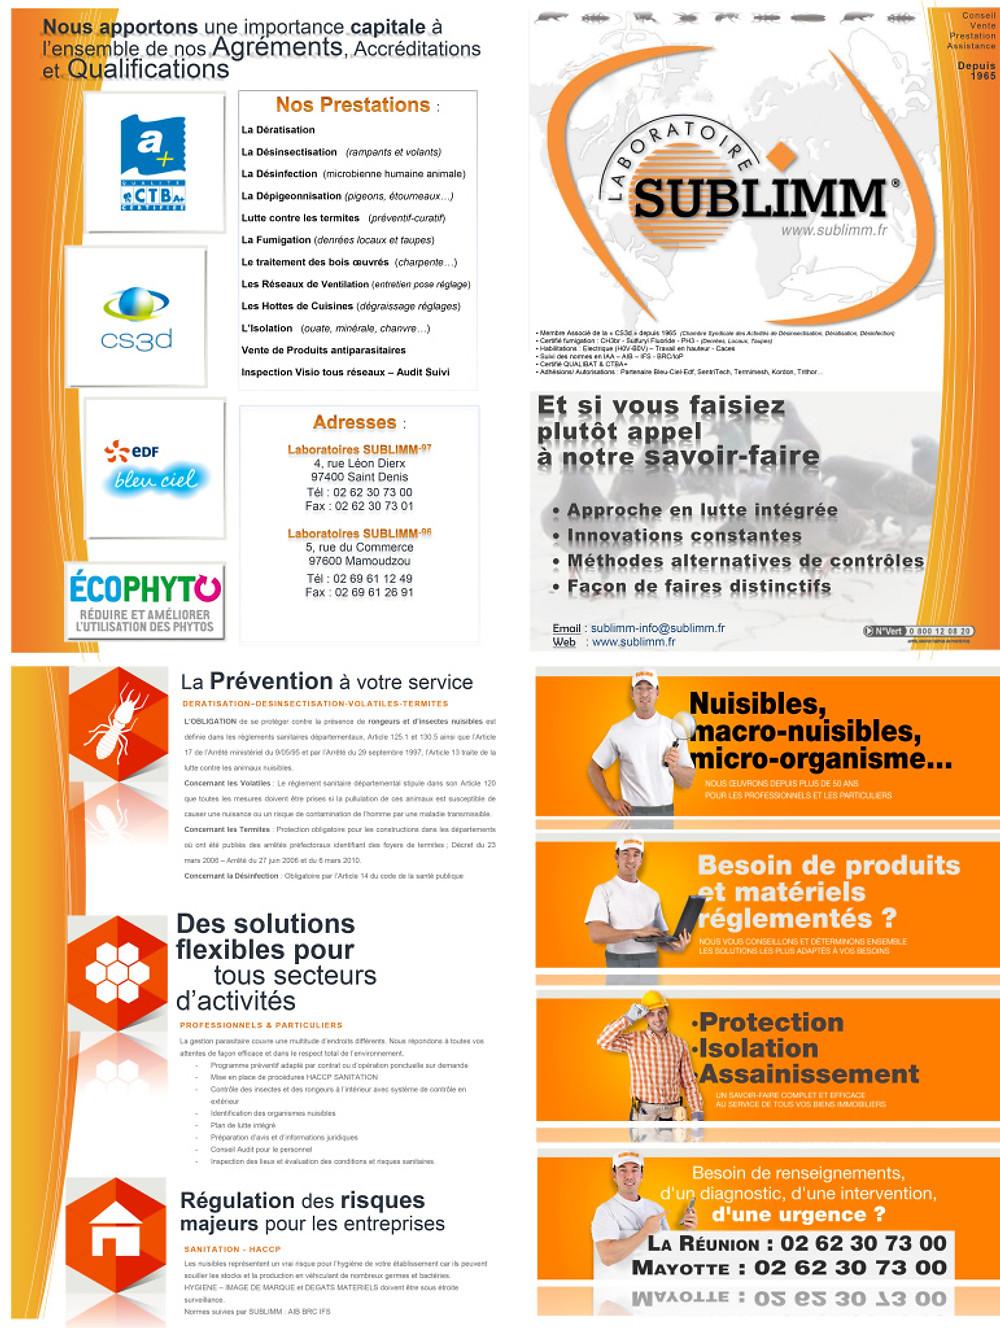 Société familiale de 50 ans, le Laboratoire SUBLIMM est spécialisé dans la dératisation, la désinsectisation, fumigation, lutte contre les pigeons et le détermitage.